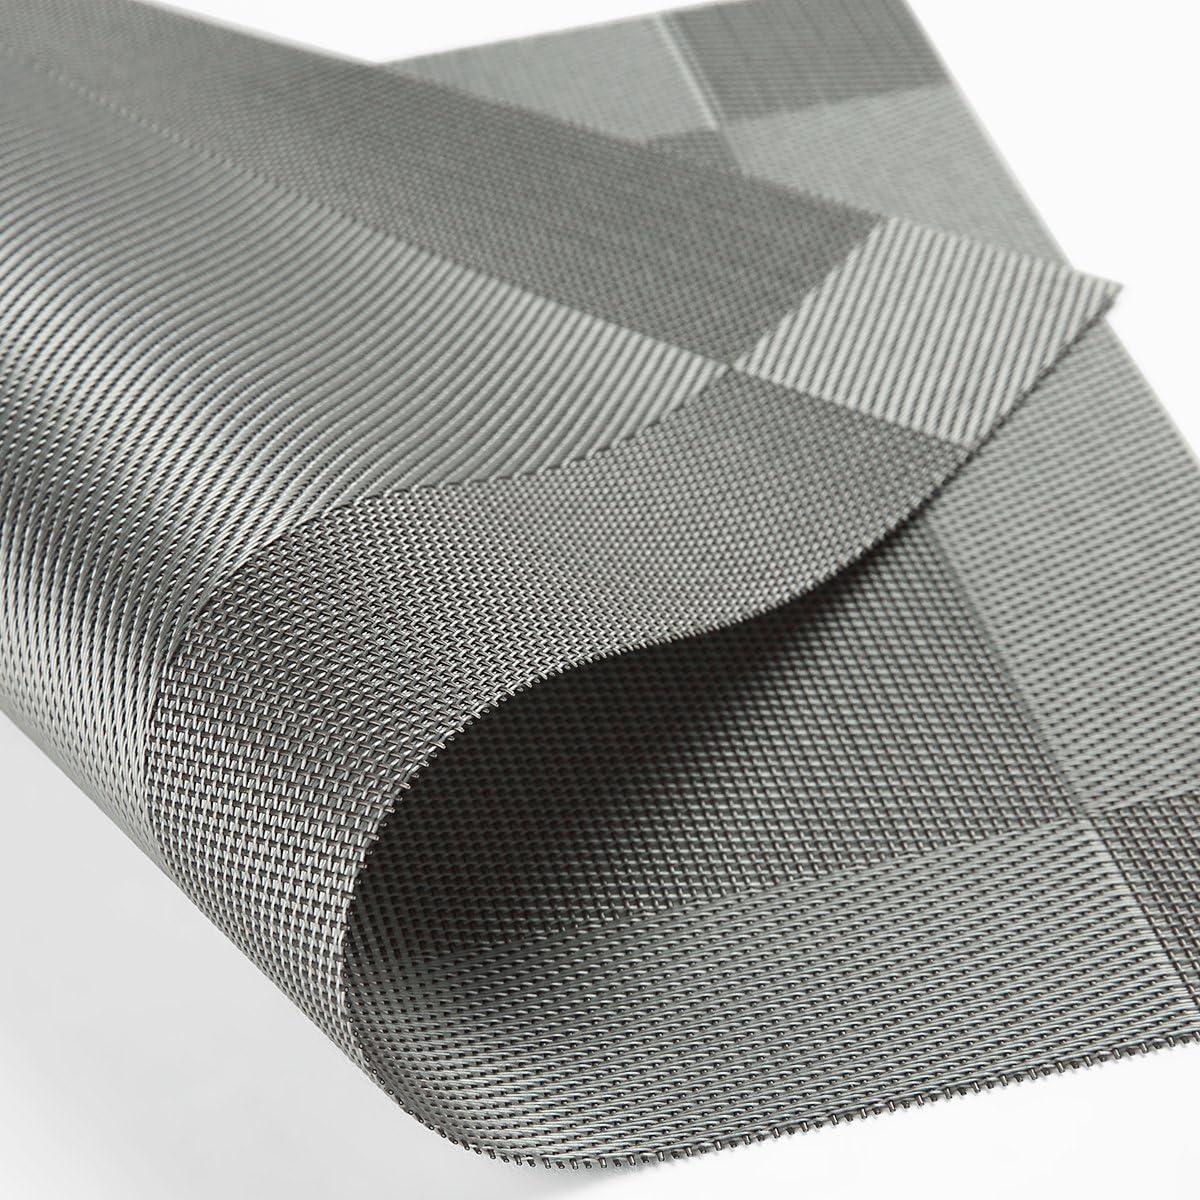 Lot de 8 Sets de r/ésistant /à la chaleur antid/érapant lavable ronde en PVC Sets de table Set de table en vinyle tiss/é AAndrea Sets de table 30,5/x 45,7/cm